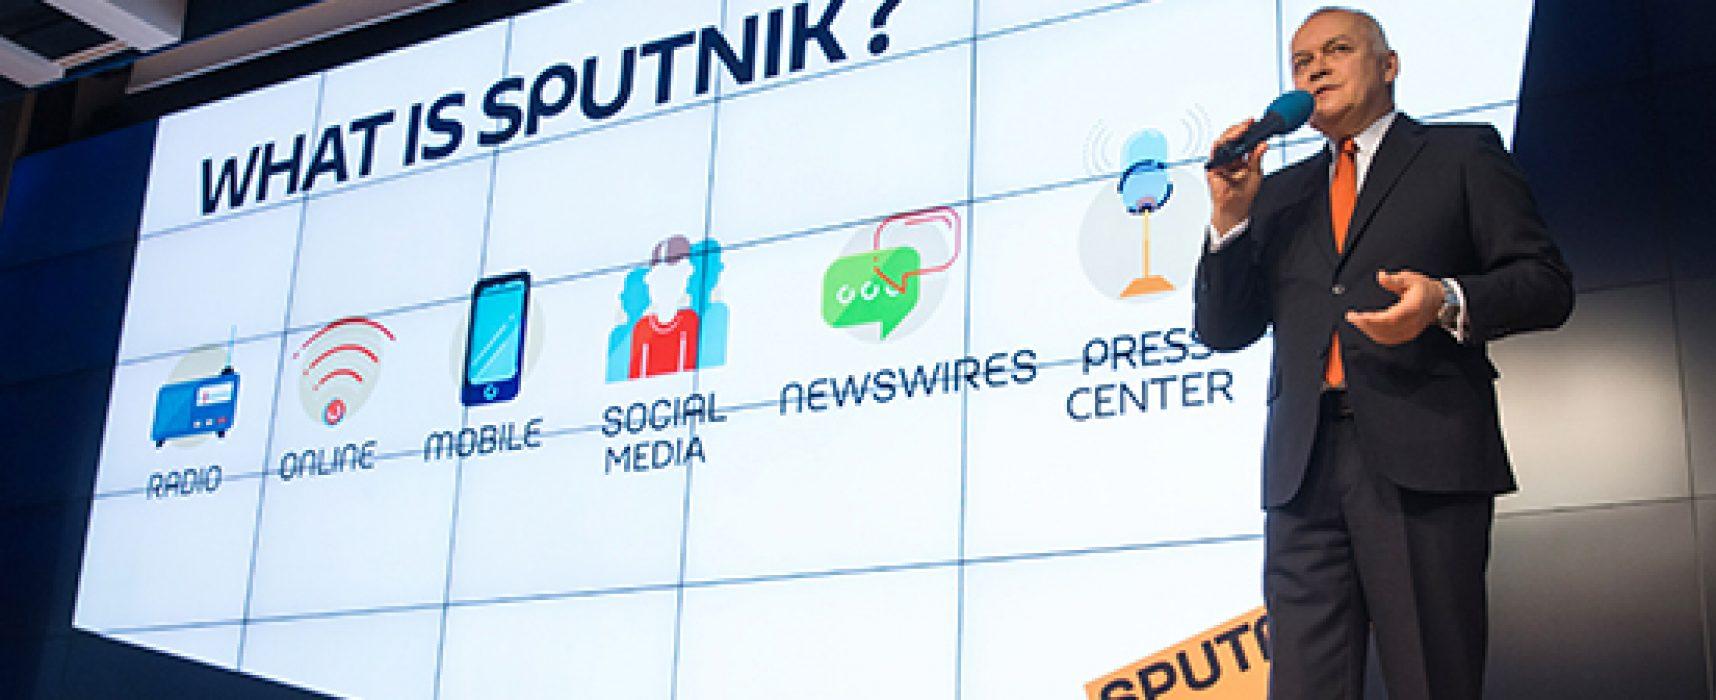 Turquía ha bloqueado el sitio web de Sputnik